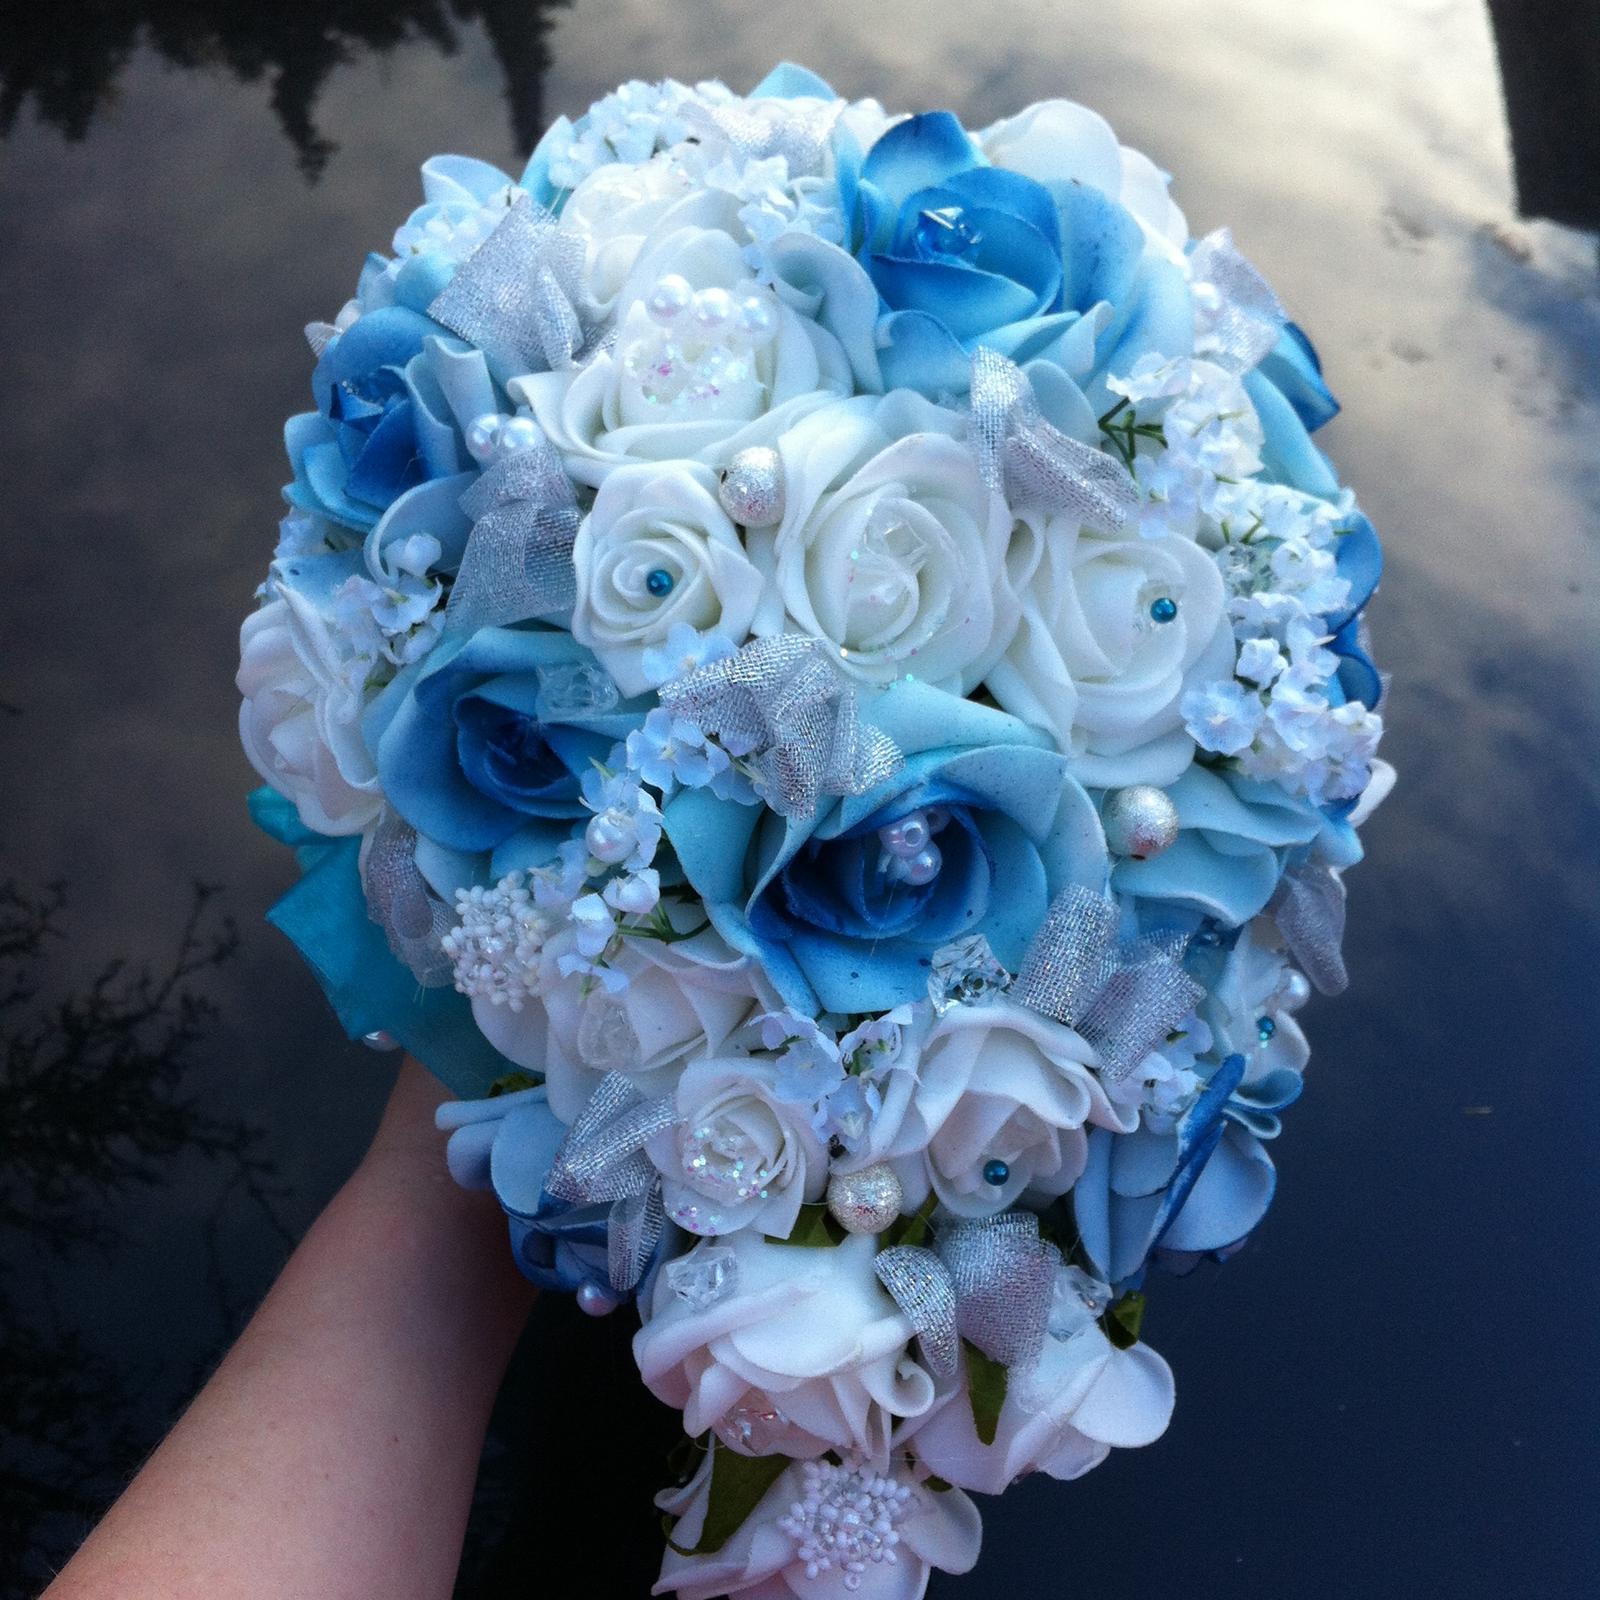 Netradiční svatební kytice - pěnové růžičky + polštářky pod prstýnky, košíčky - Obrázek č. 54